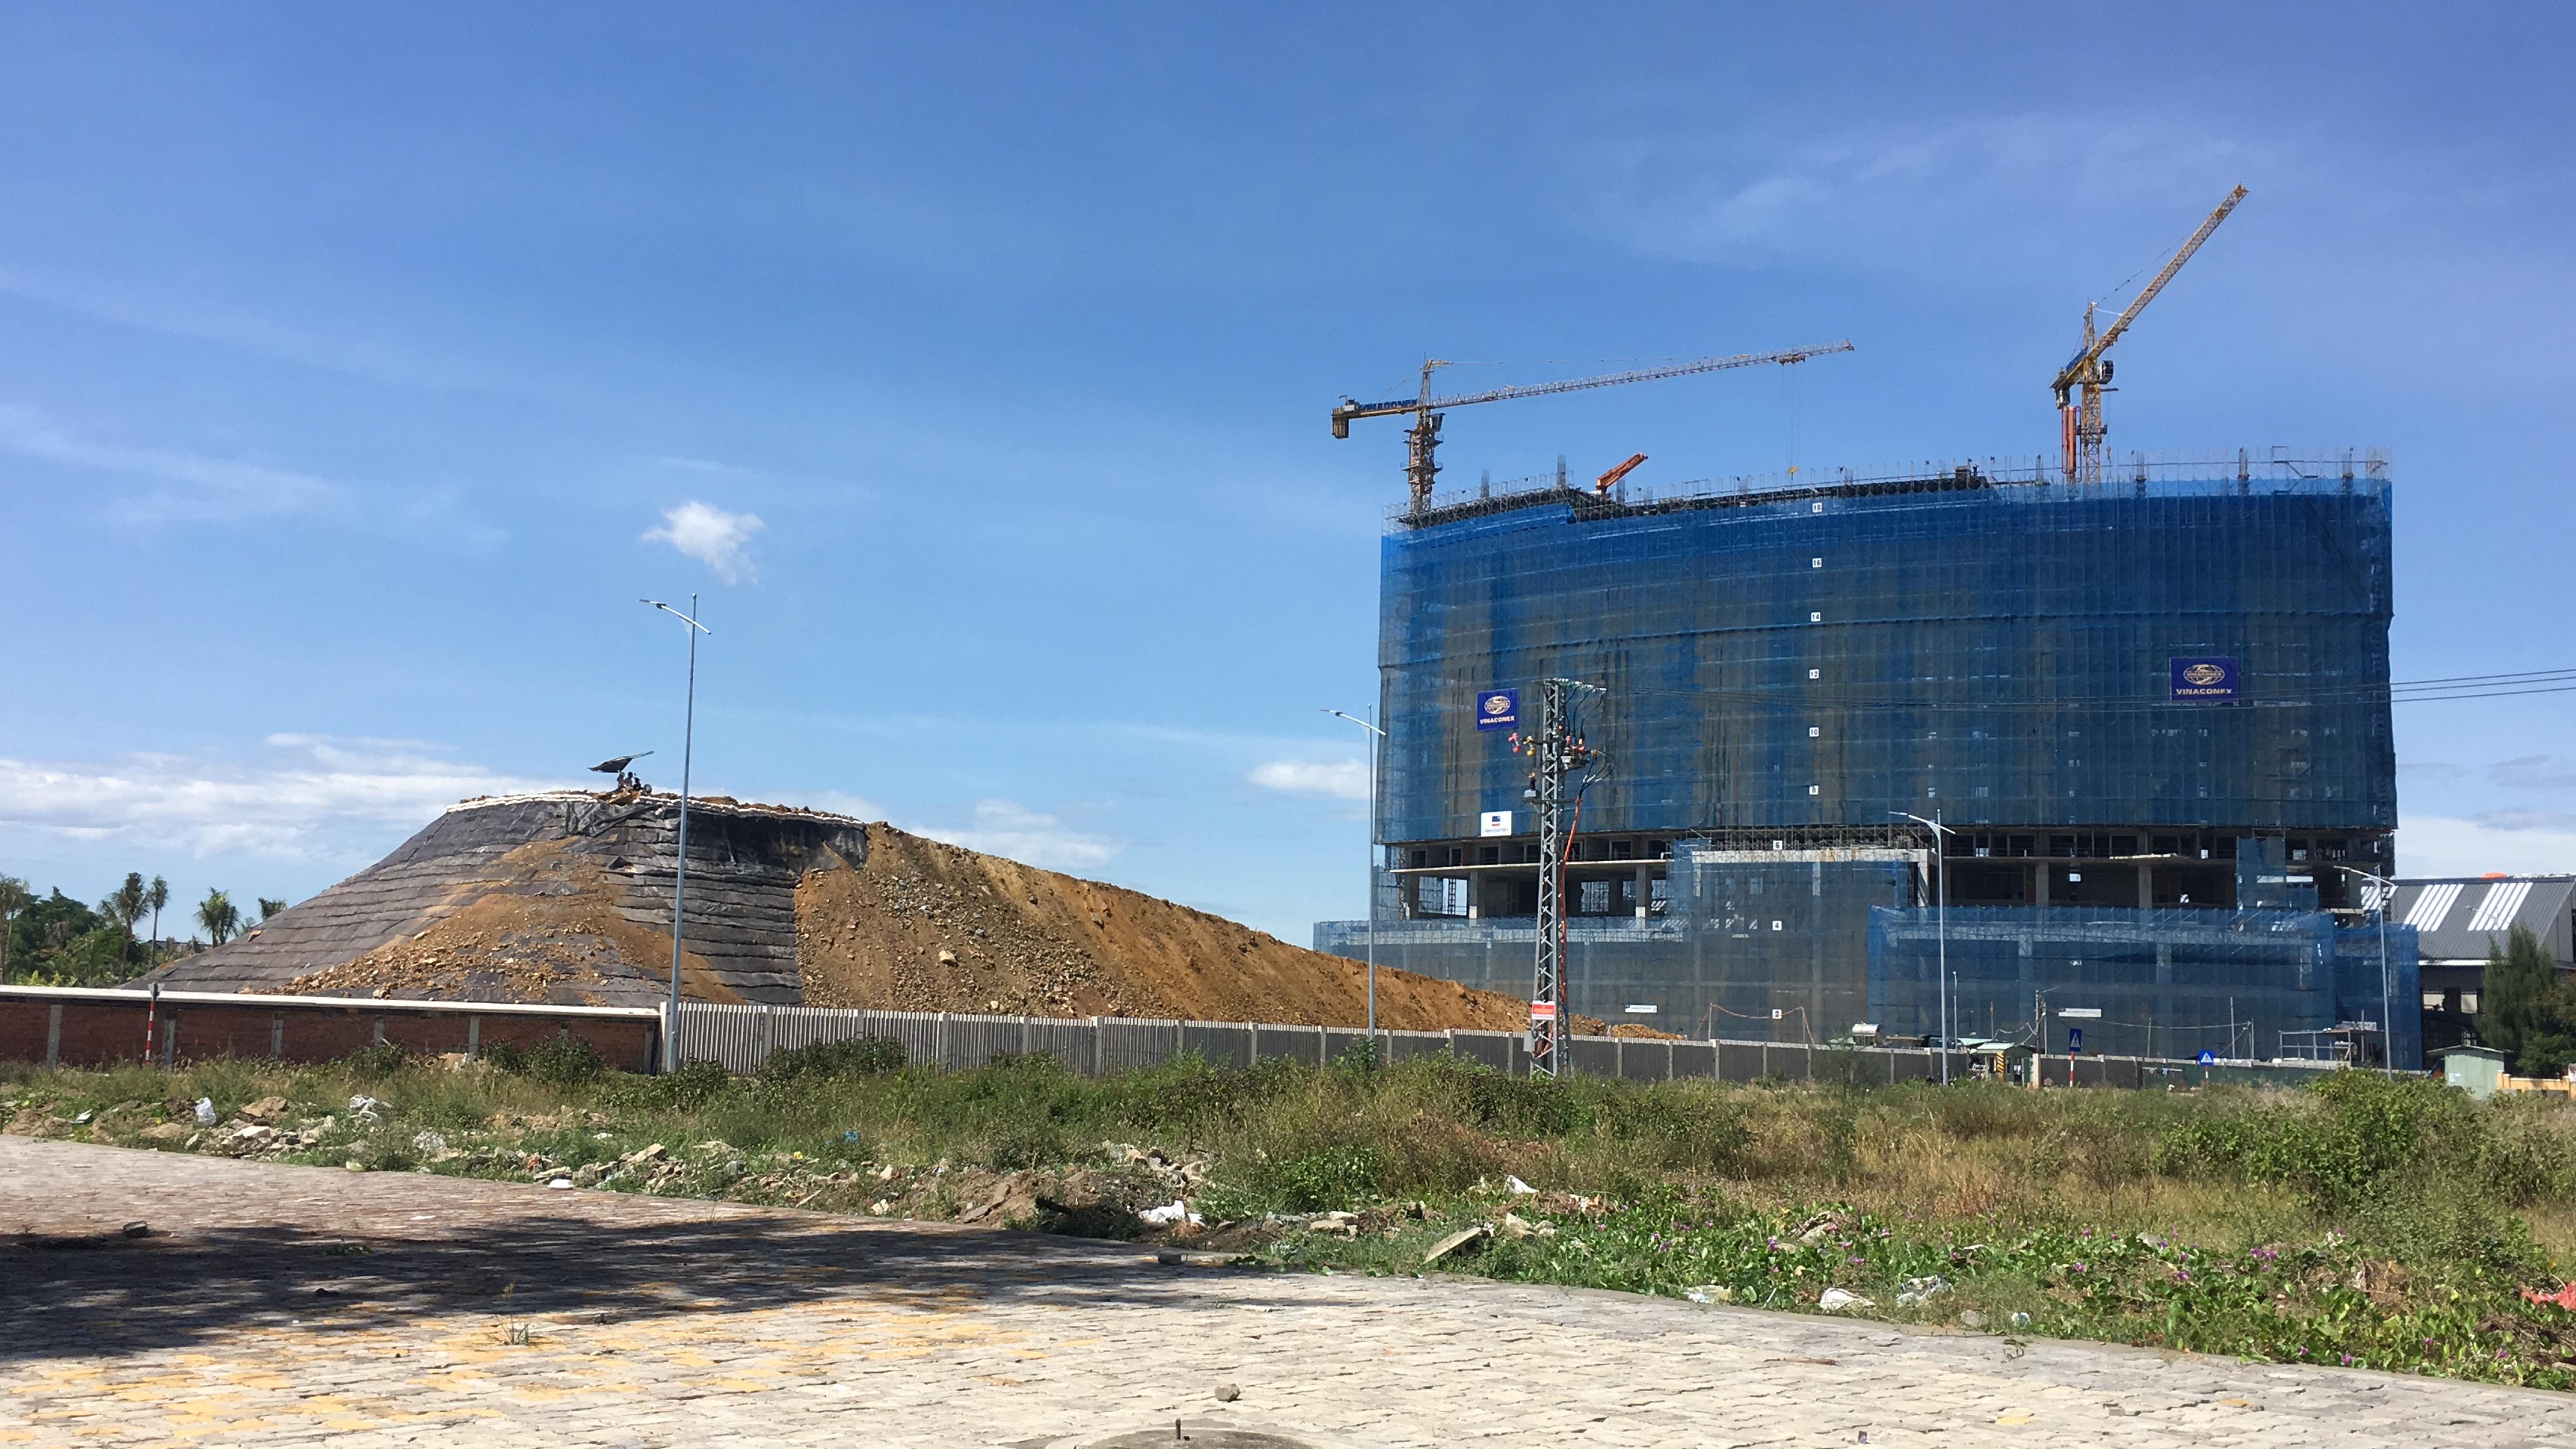 Đà Nẵng đốc thúc những dự án nghìn tỉ đồng để phục hồi tăng trưởng cuối năm 2020 - Ảnh 1.